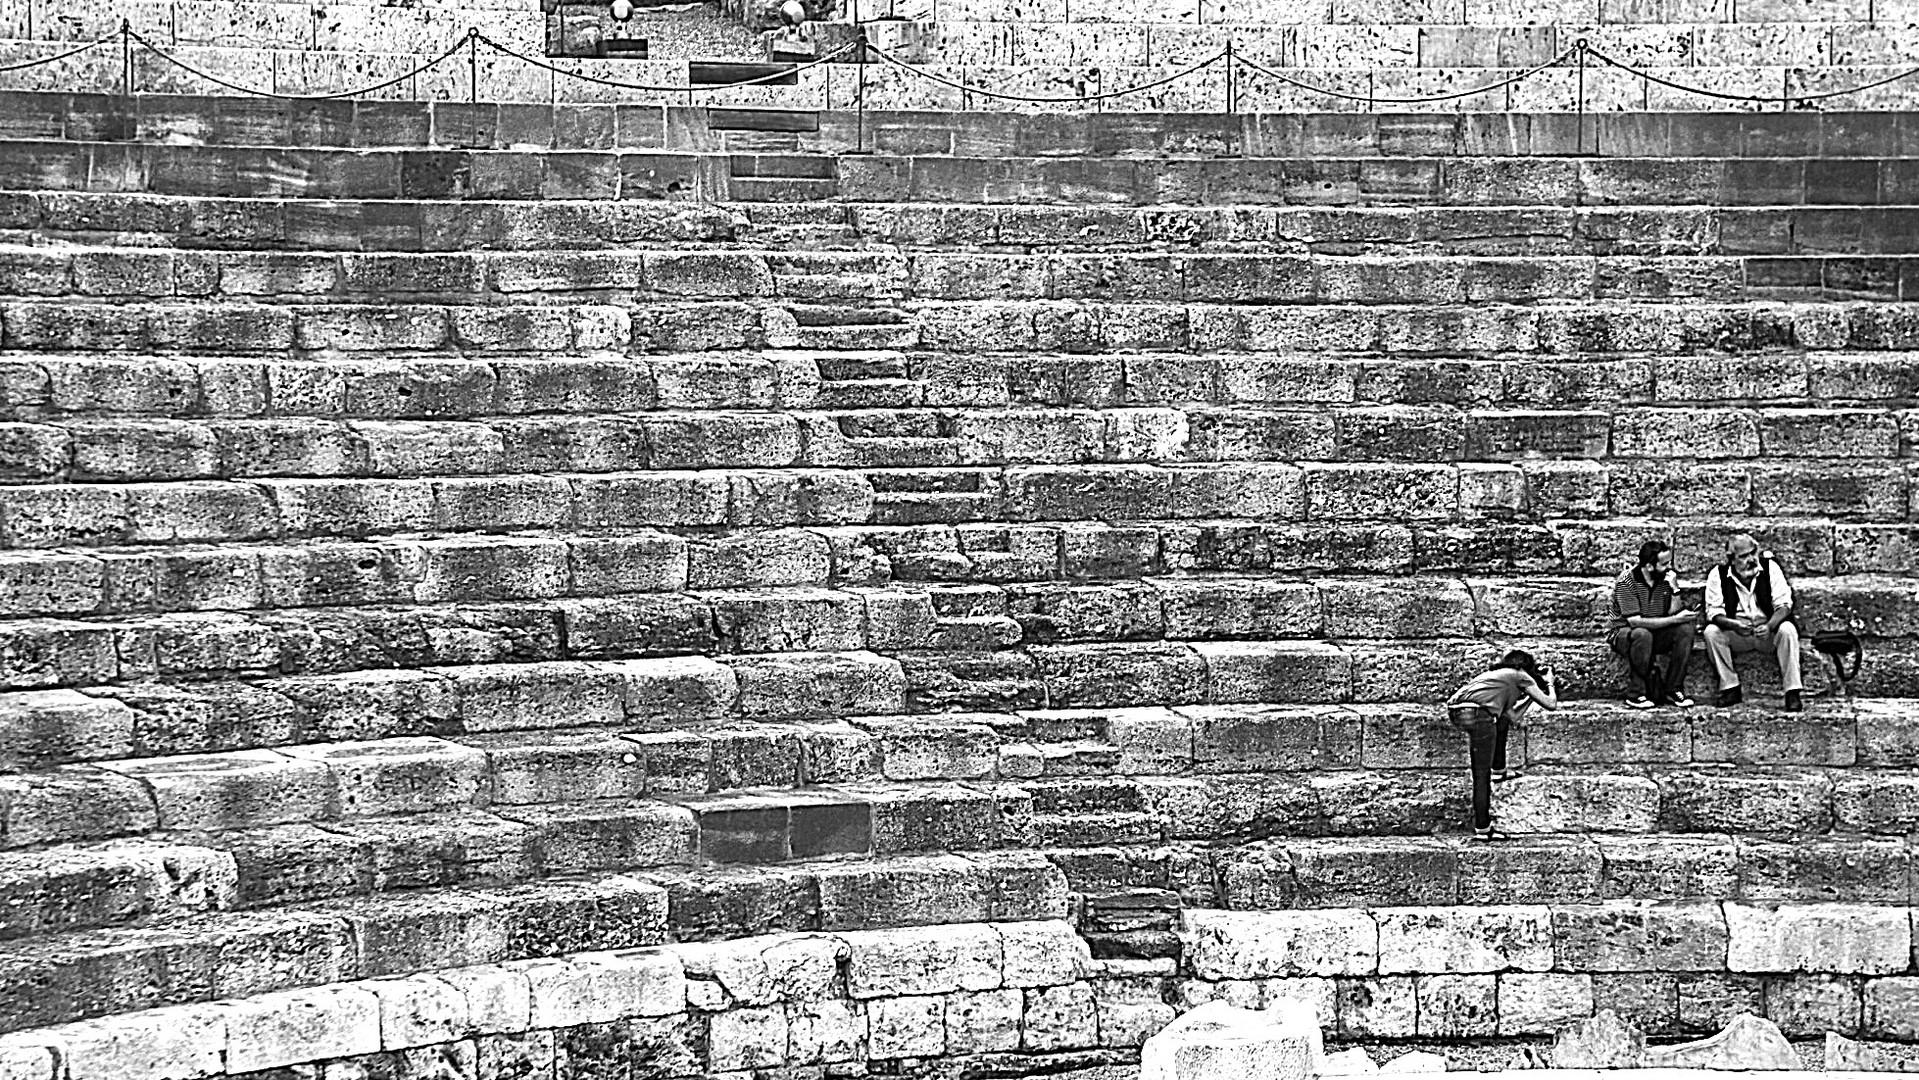 Malaga roman theater